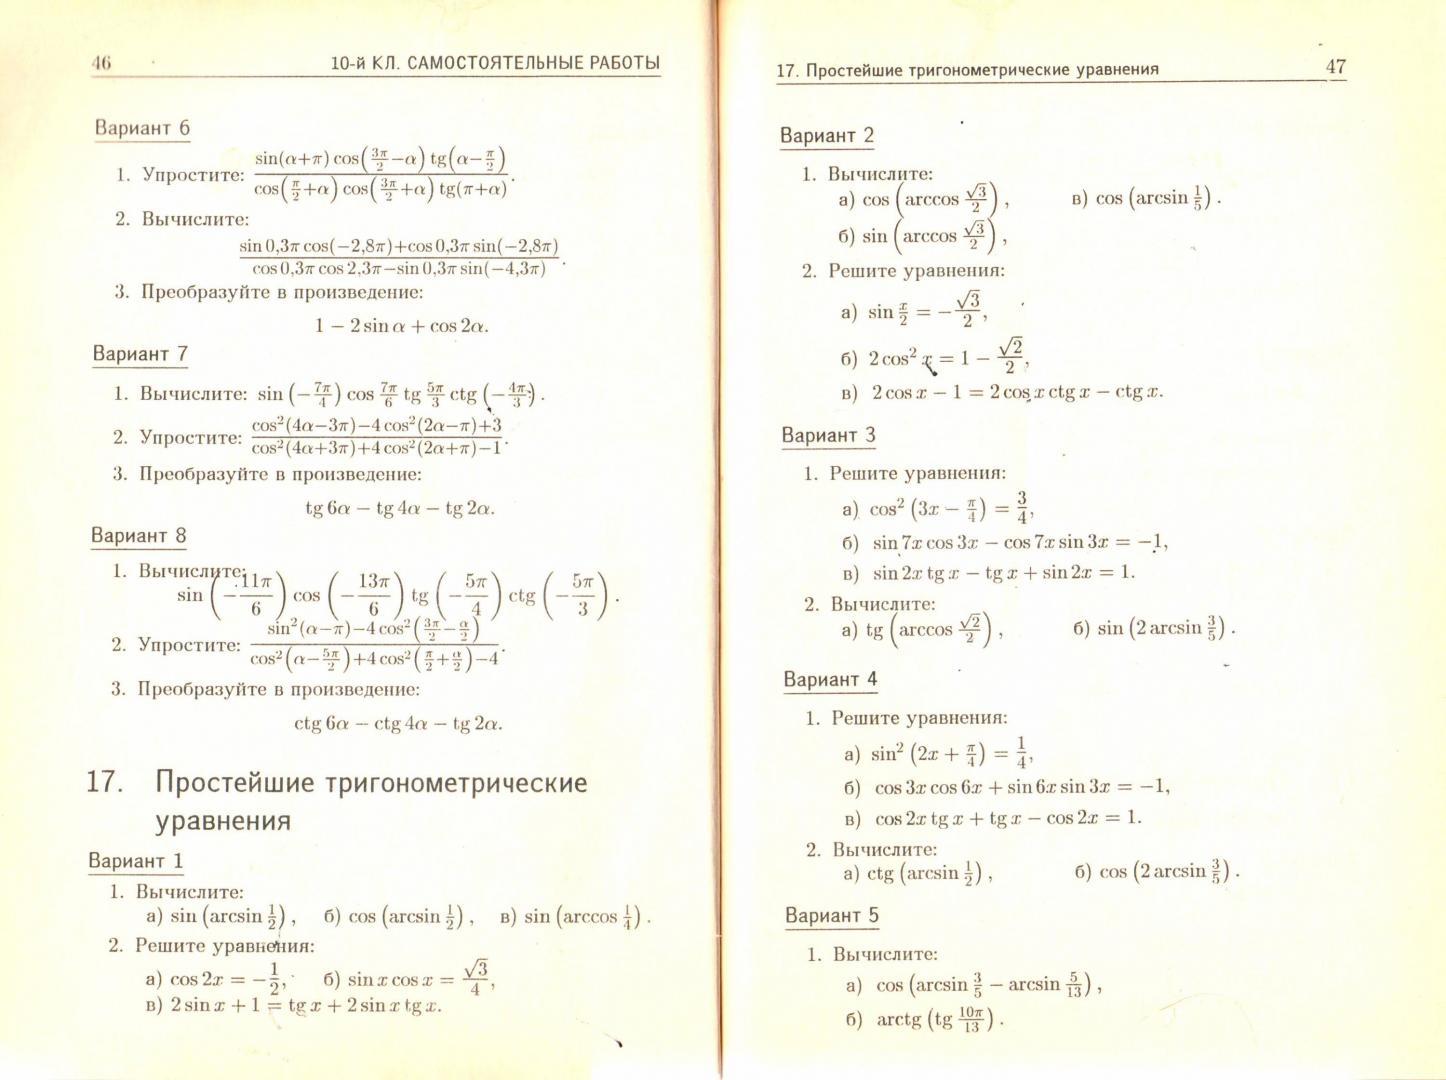 Иллюстрация 1 из 3 для Дидактические материалы по алгебре и началам анализа для 10 класса - Зив, Гольдич   Лабиринт - книги. Источник: Чагина  Юлия Анатольевна